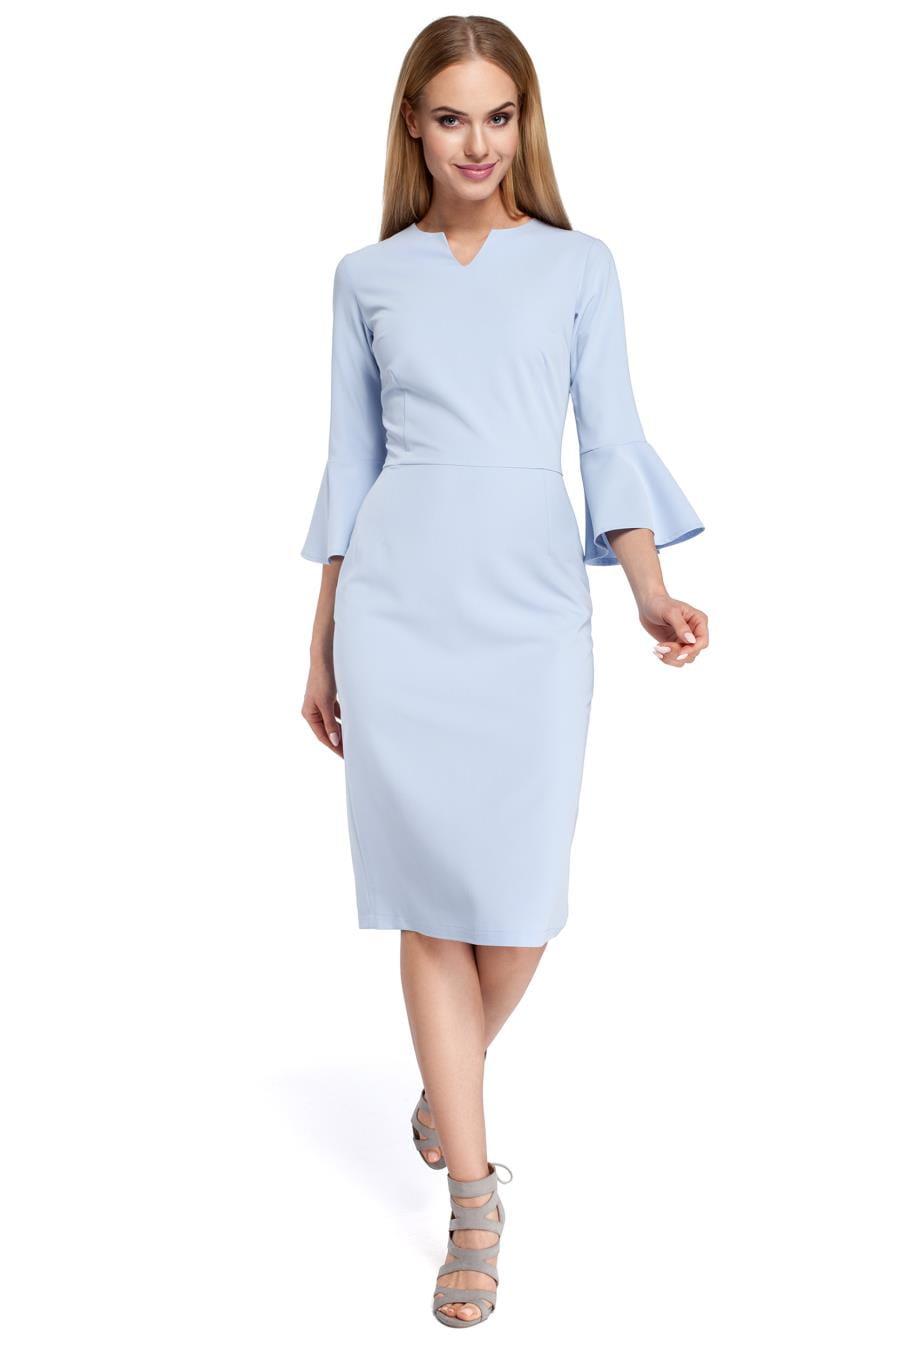 02be91986 ... sukienki, błękitne, klasyczne, ołówkowe, biura, pracy, sklep, online;  eleganckie ...